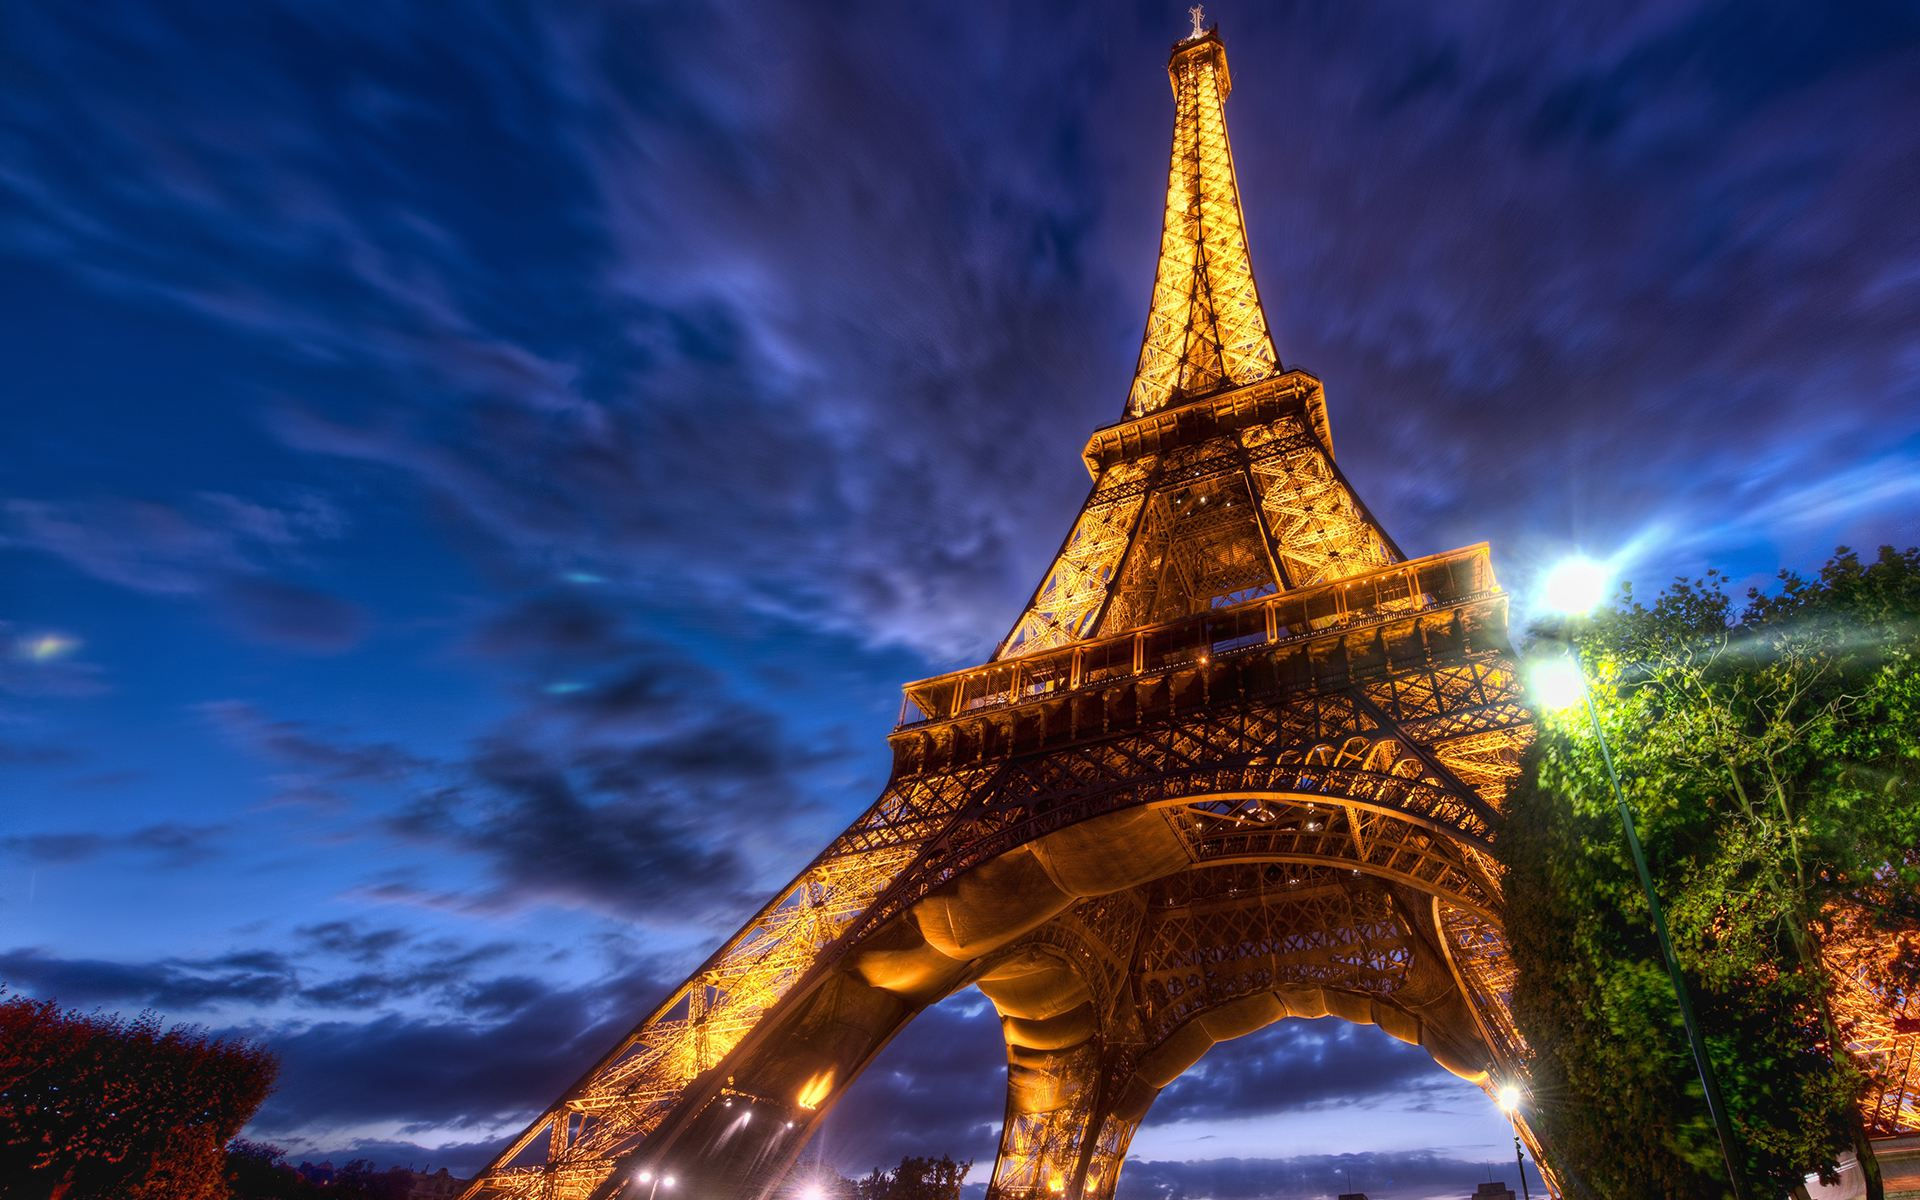 法语学习:6种方法有效提高口语水平